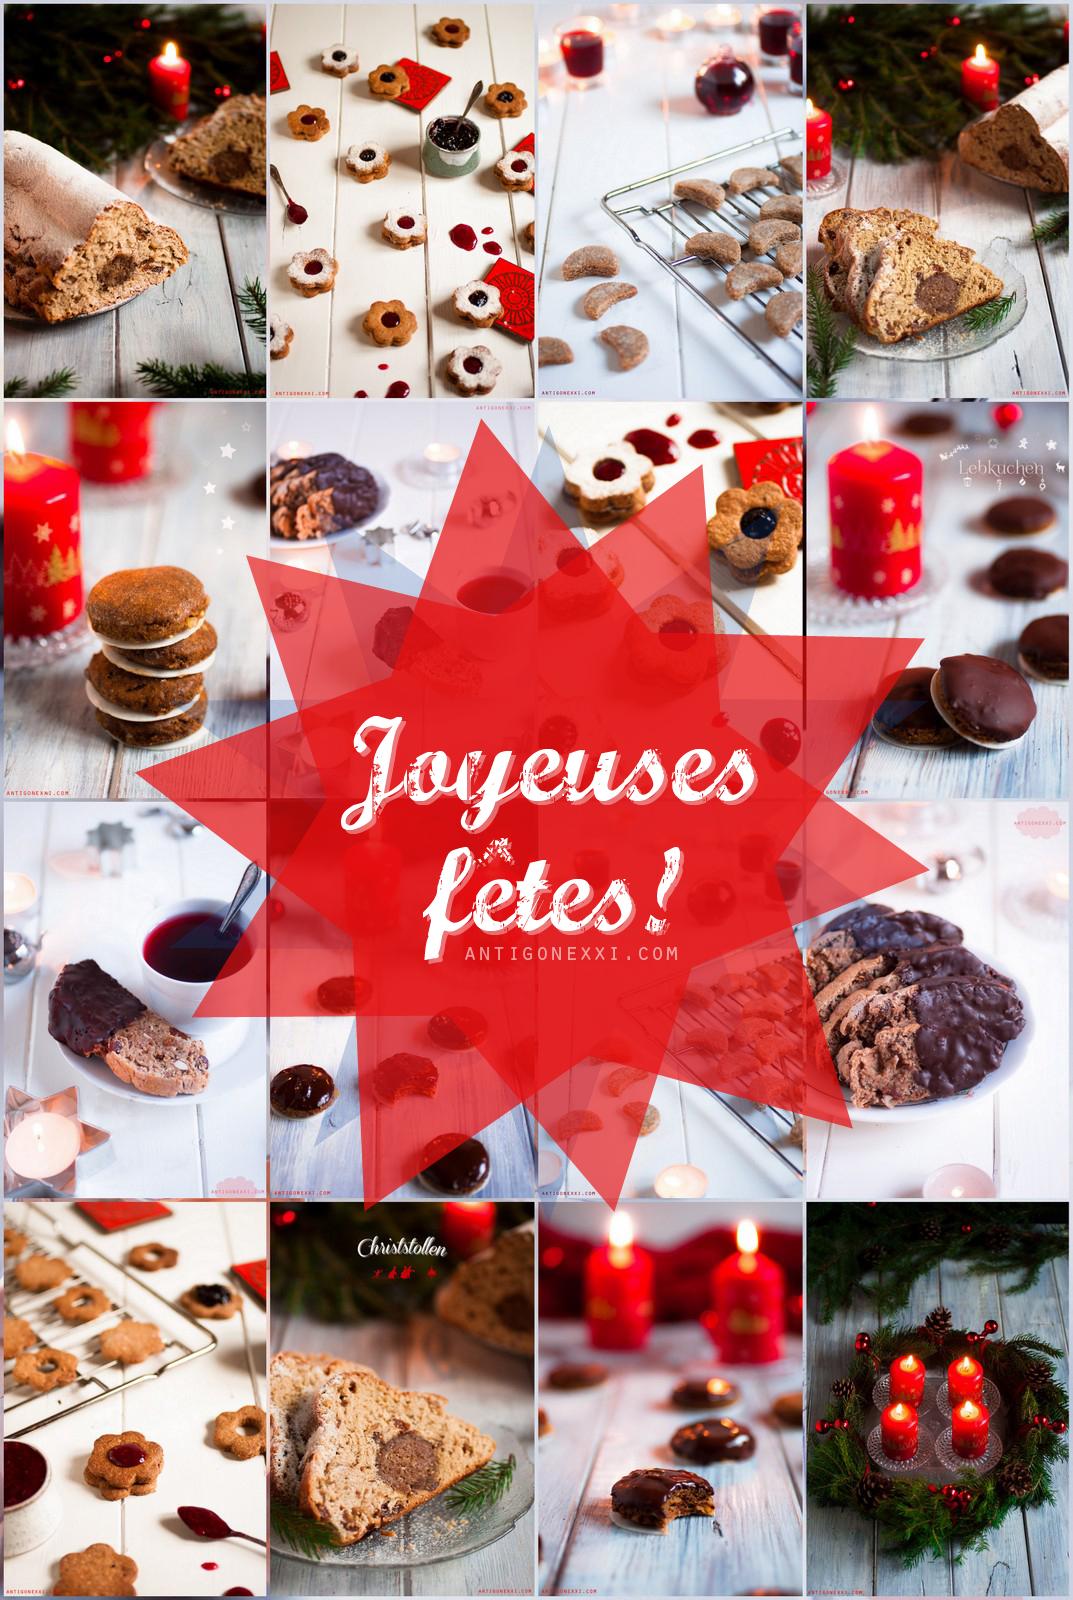 Joyeuses fêtes - Antigone XXI